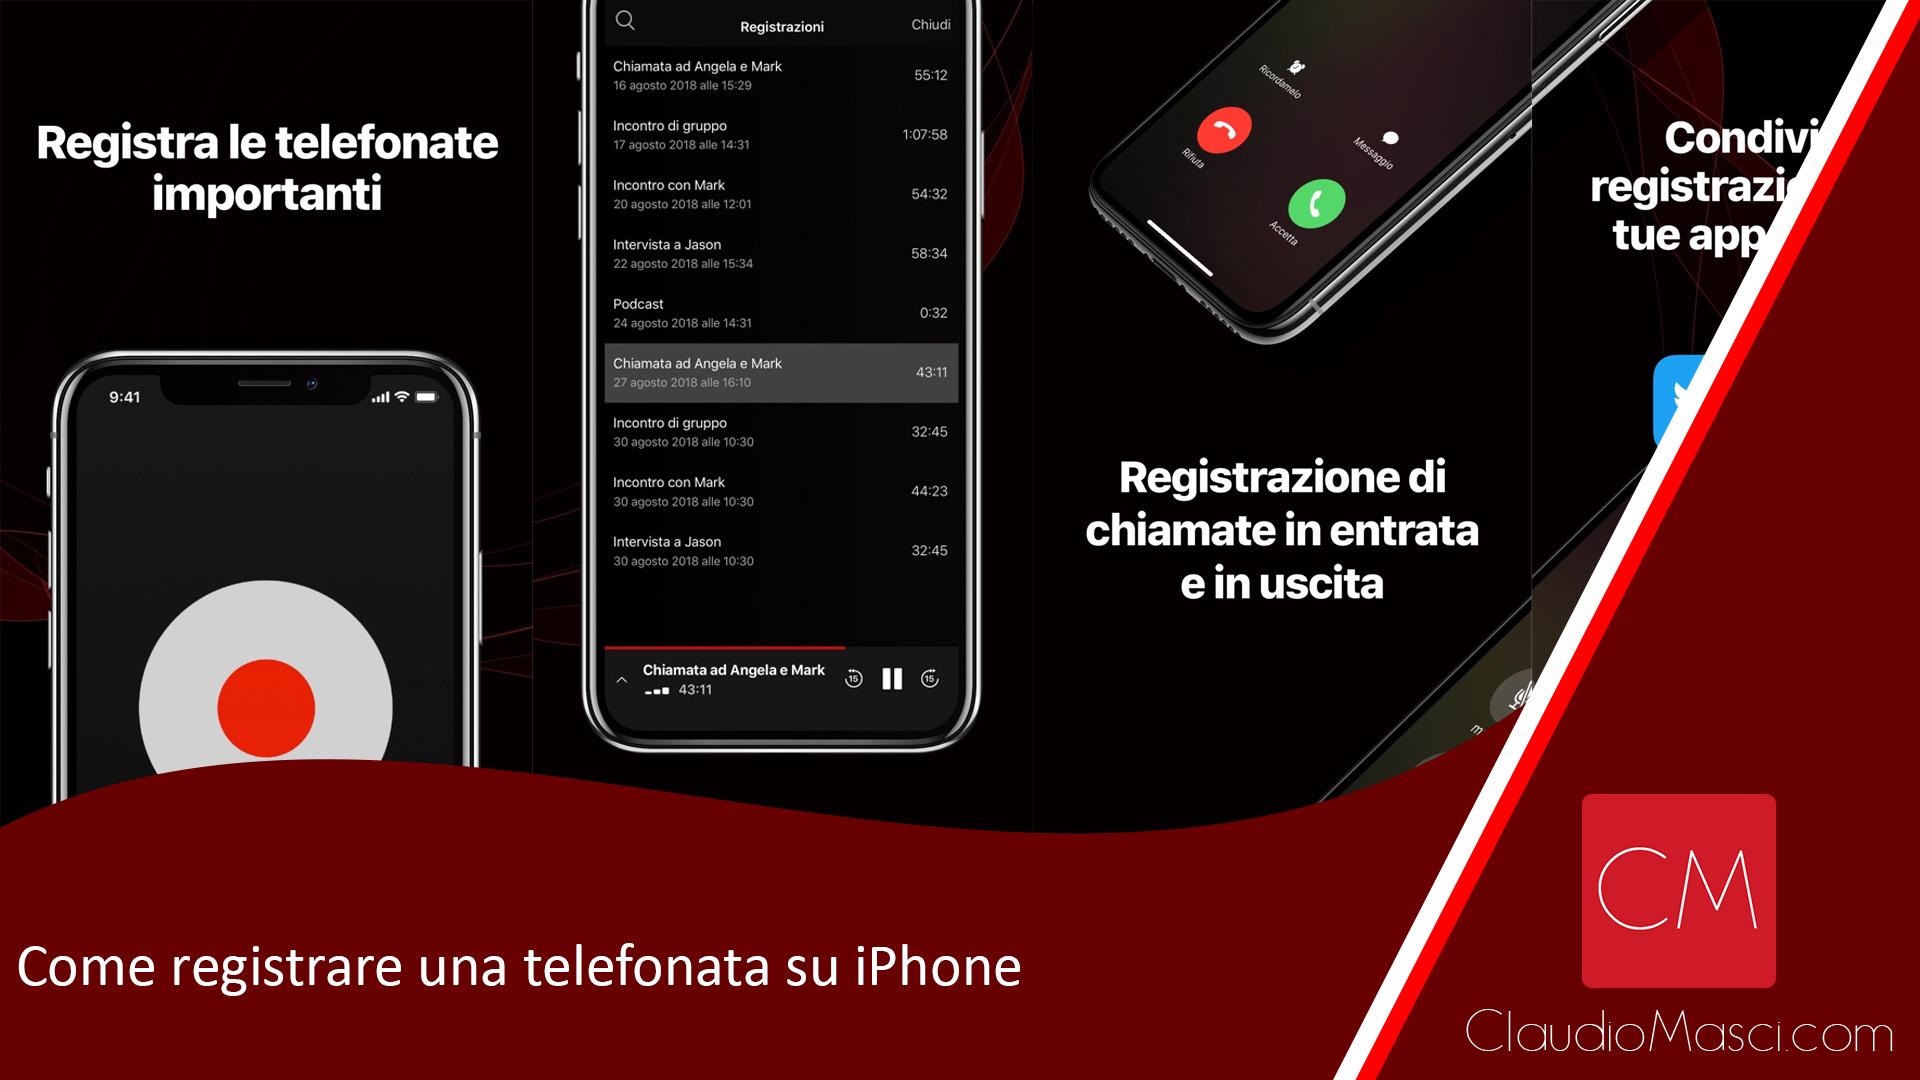 Come registrare una telefonata su iPhone